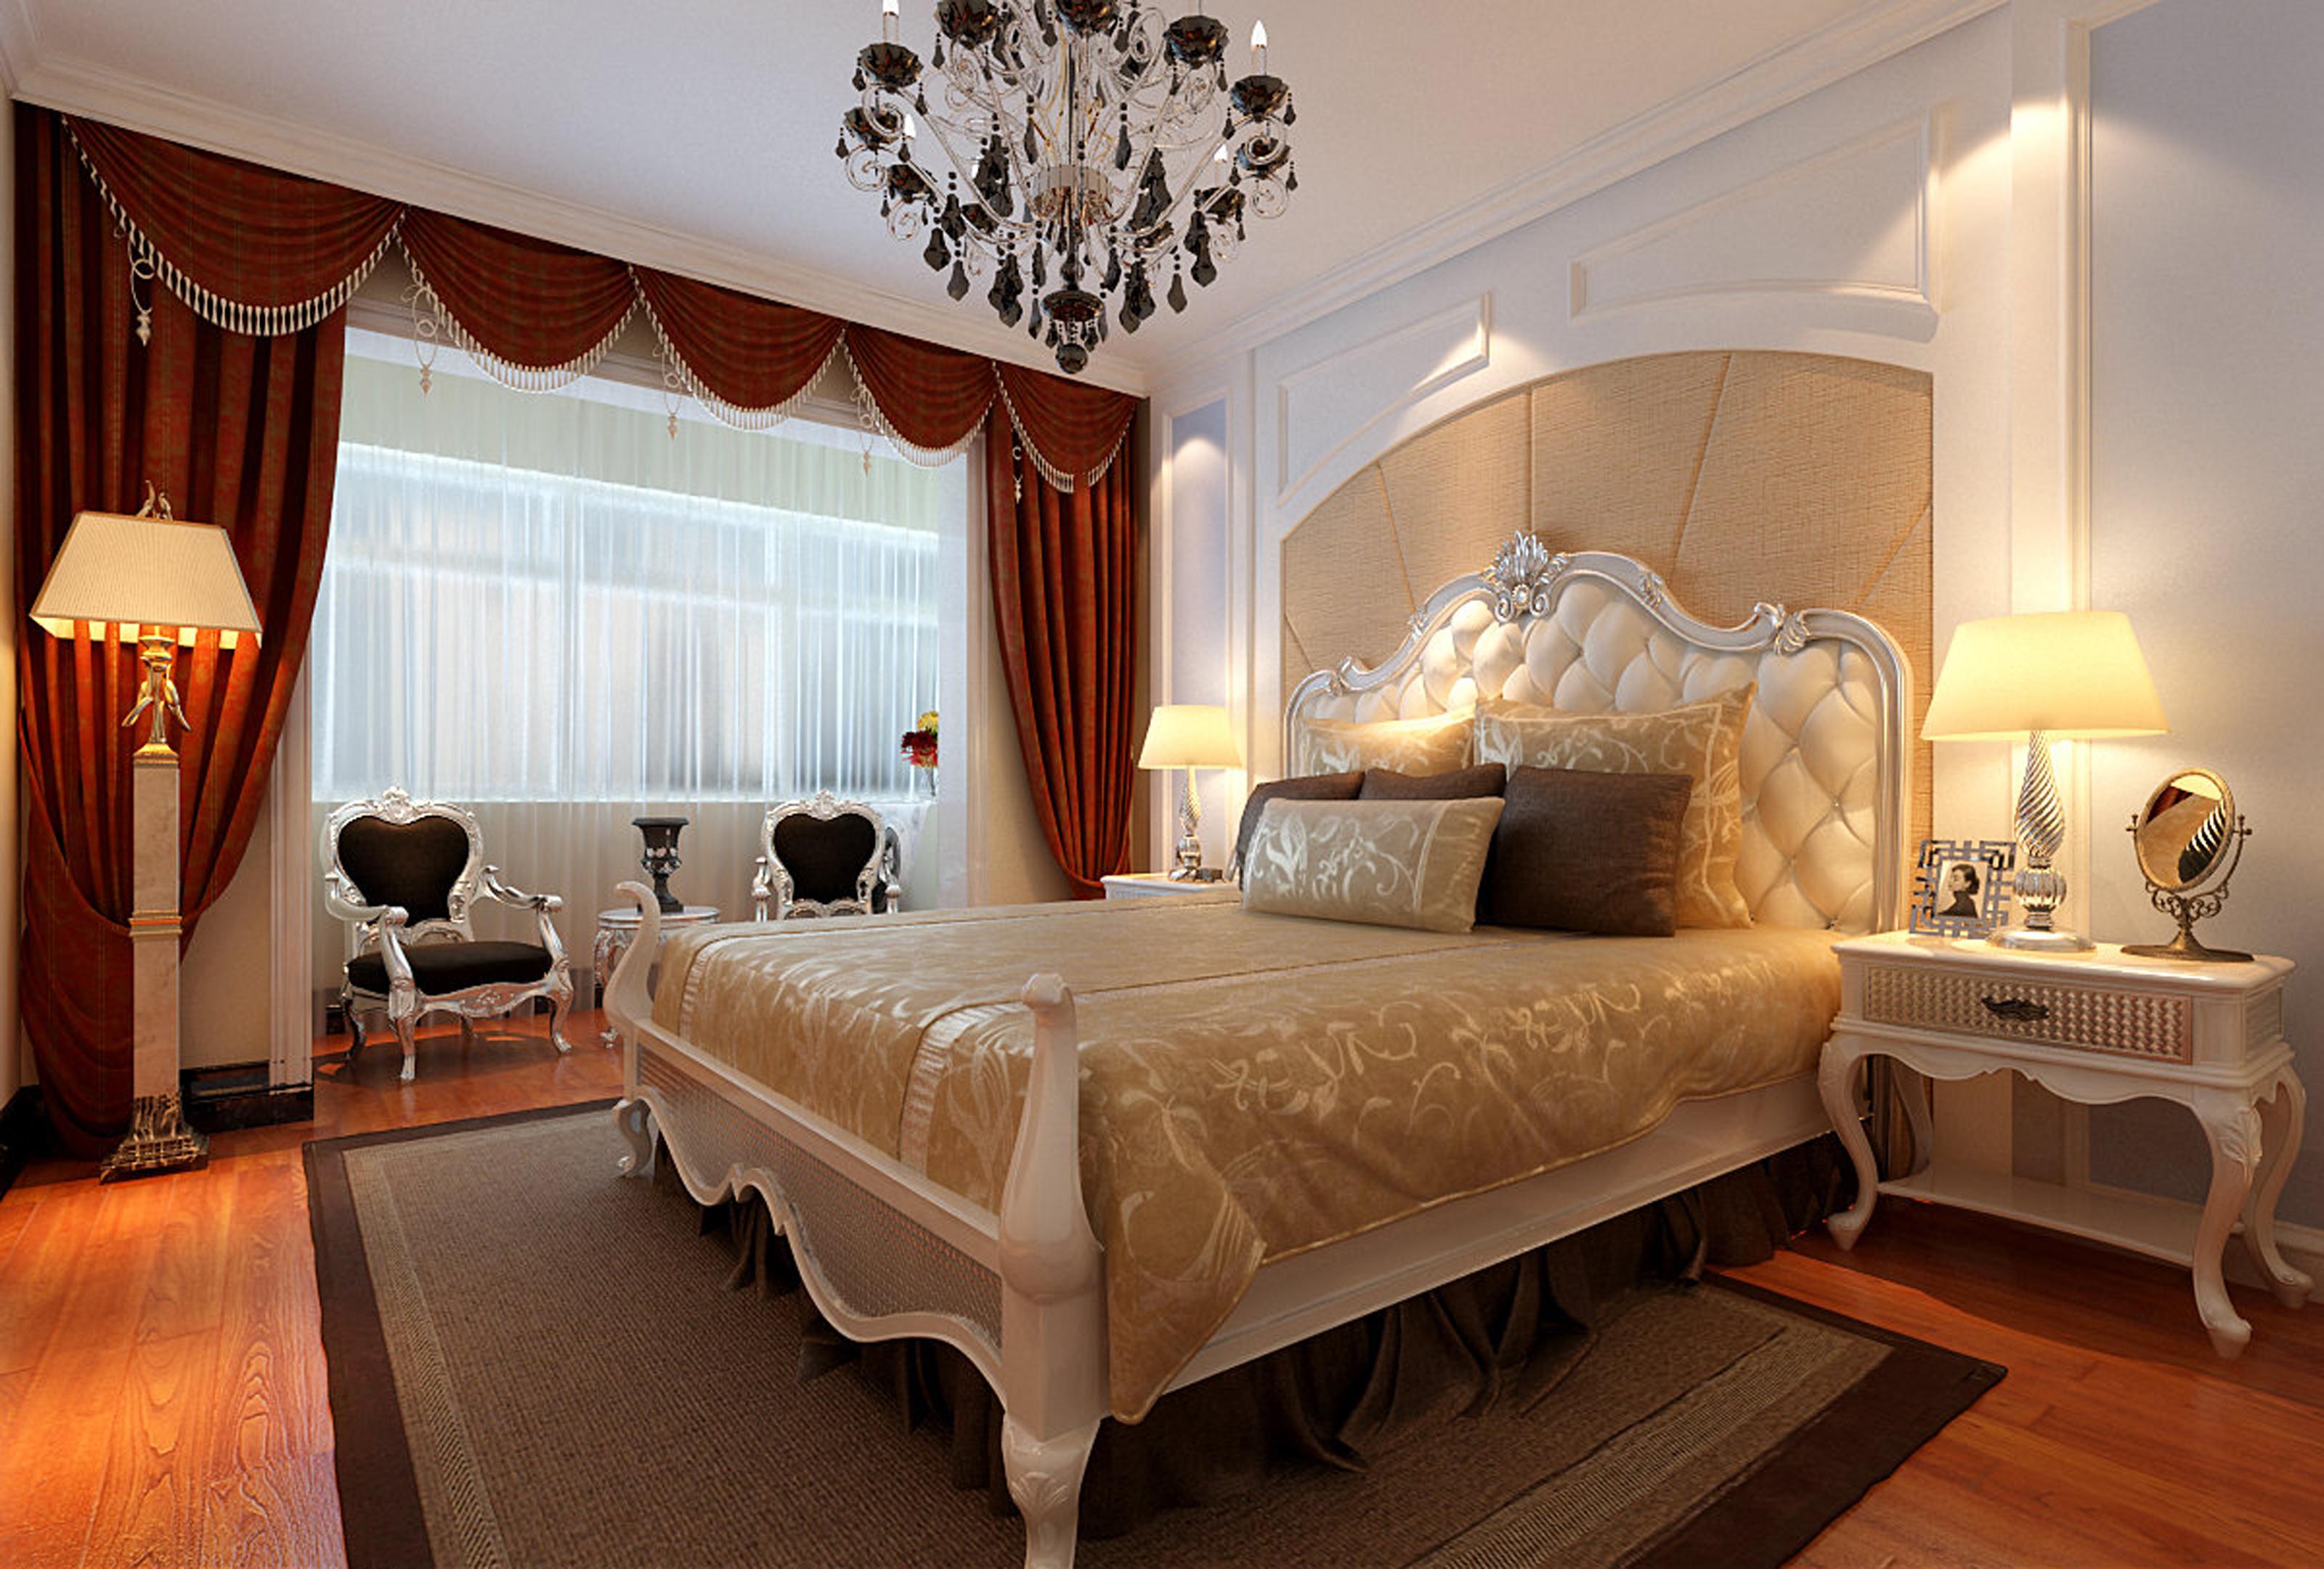 欧式 简约 三居 80后 卧室图片来自实创装饰装修在13万打造新古典欧式图片